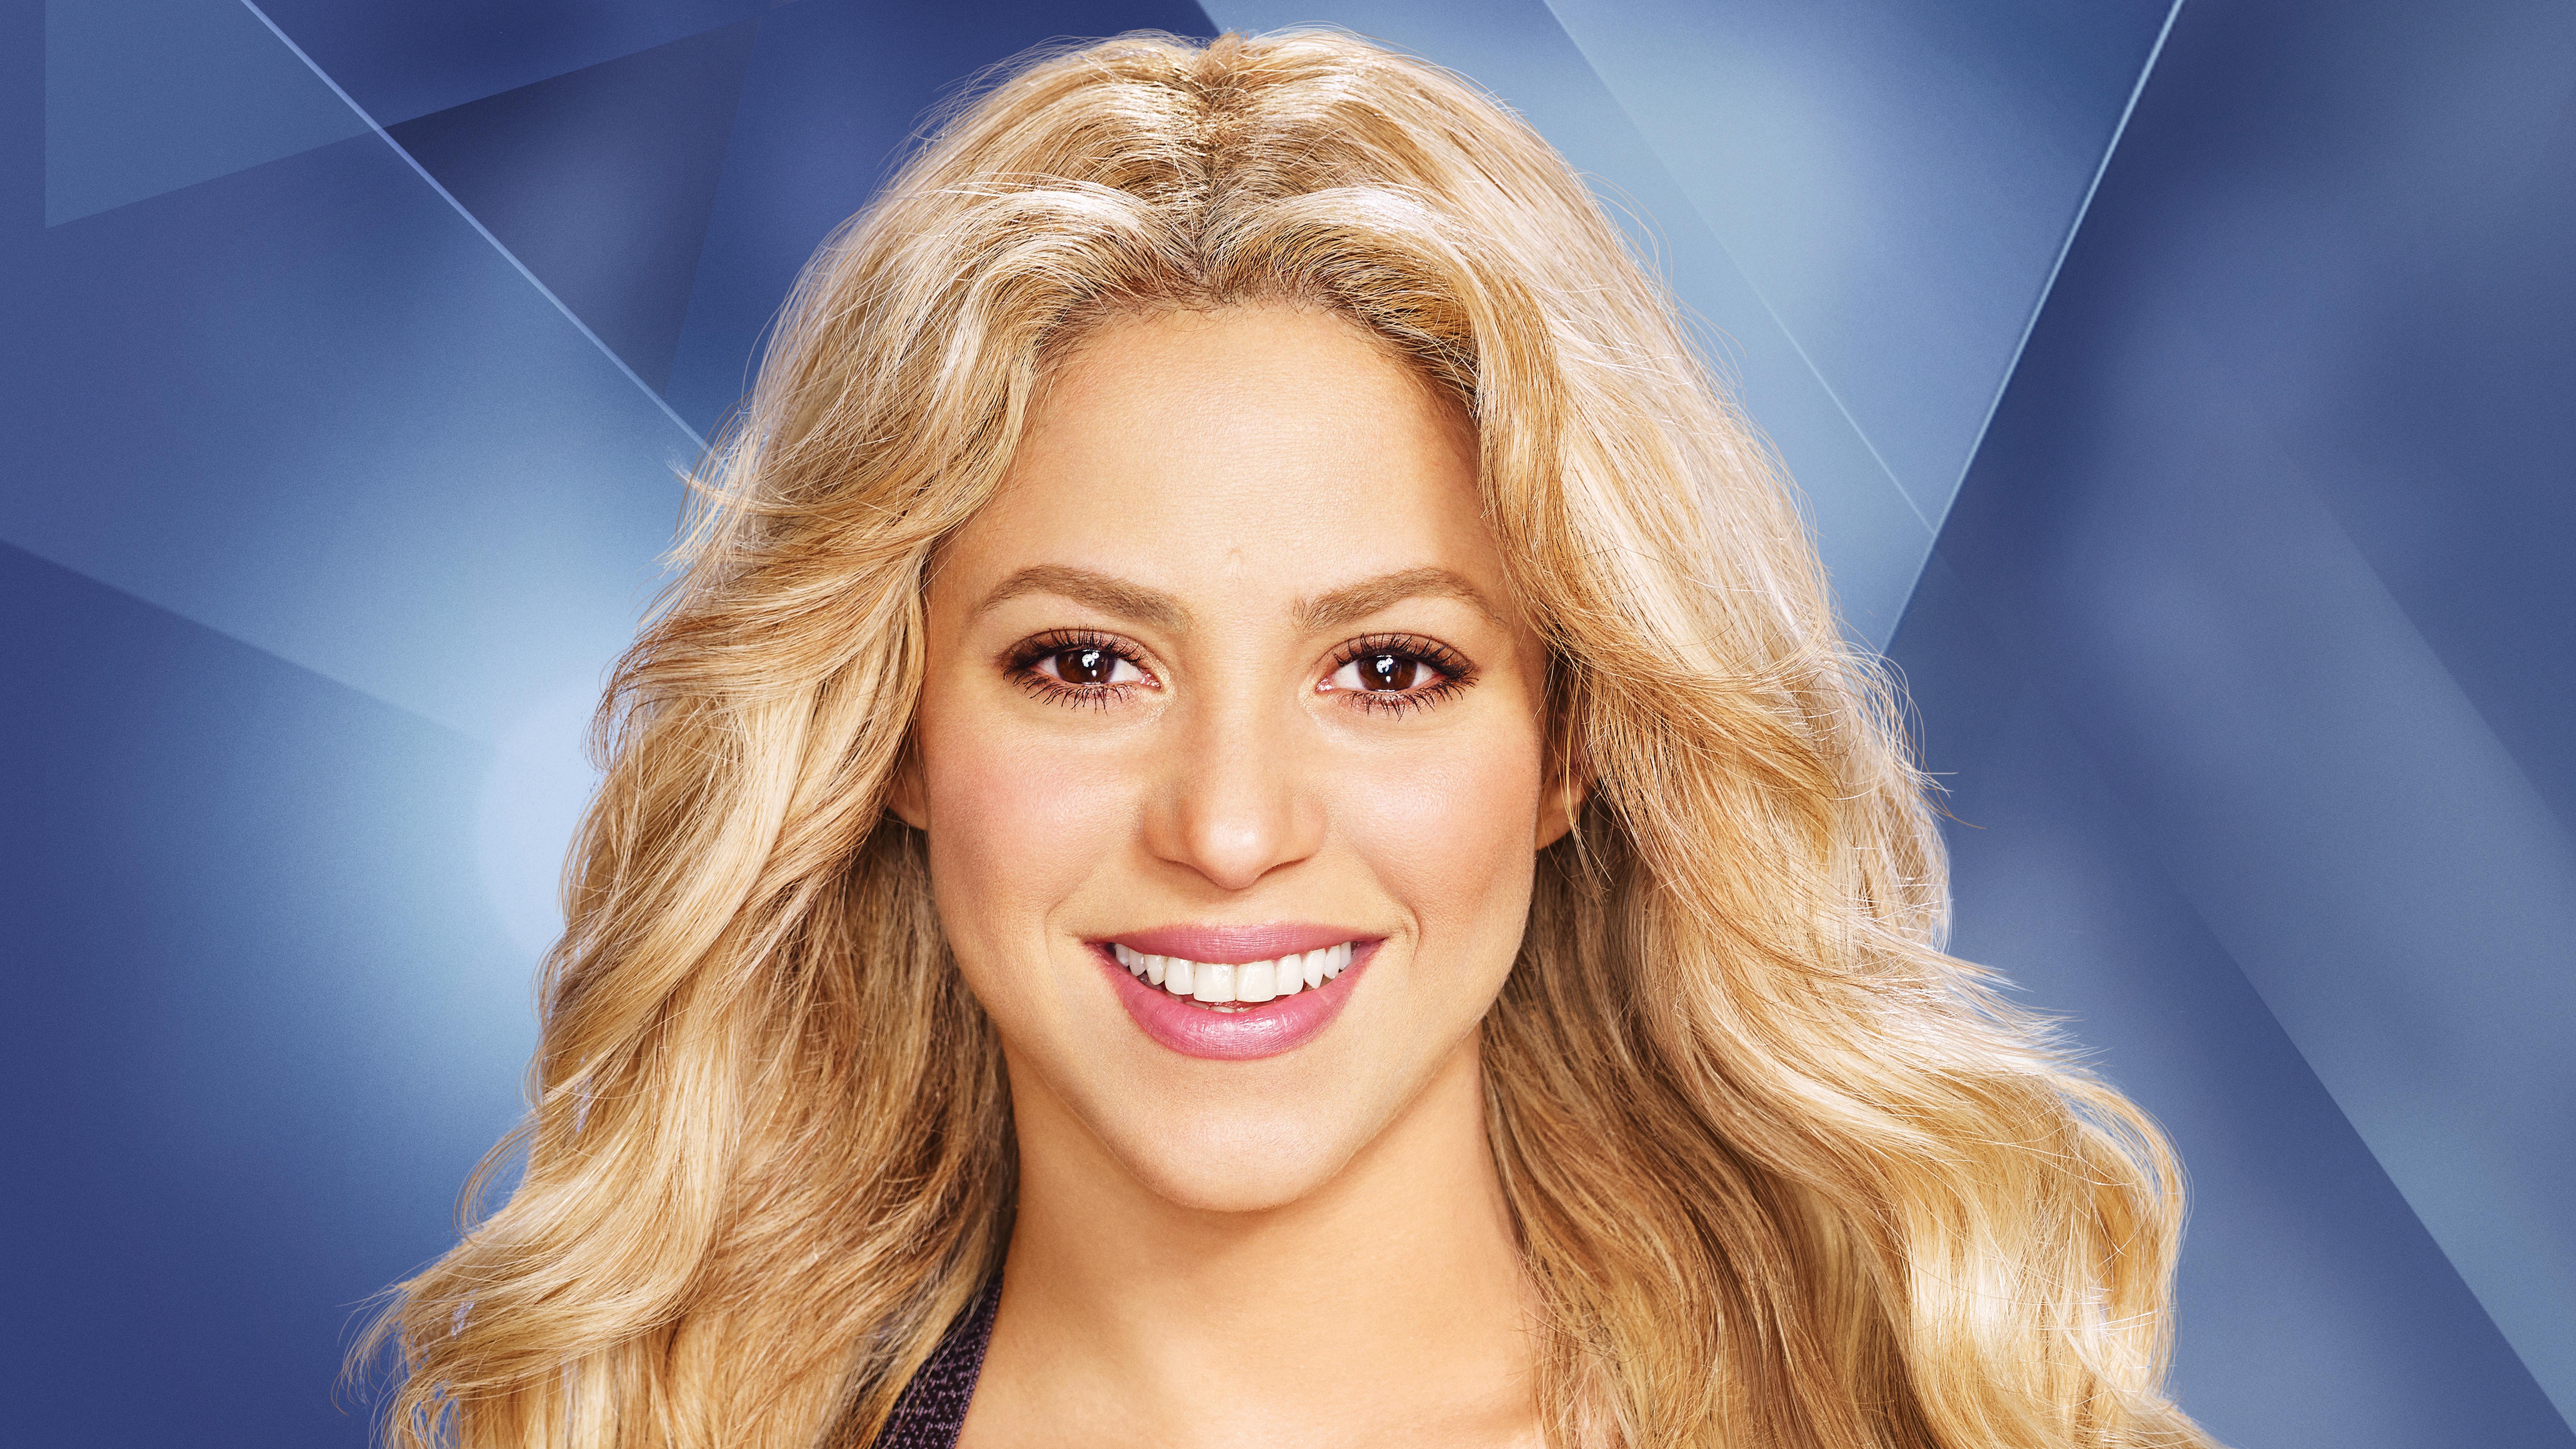 Обои Шакира, знаменитость, волосы, лицо, блондин в разрешении 1920x1080